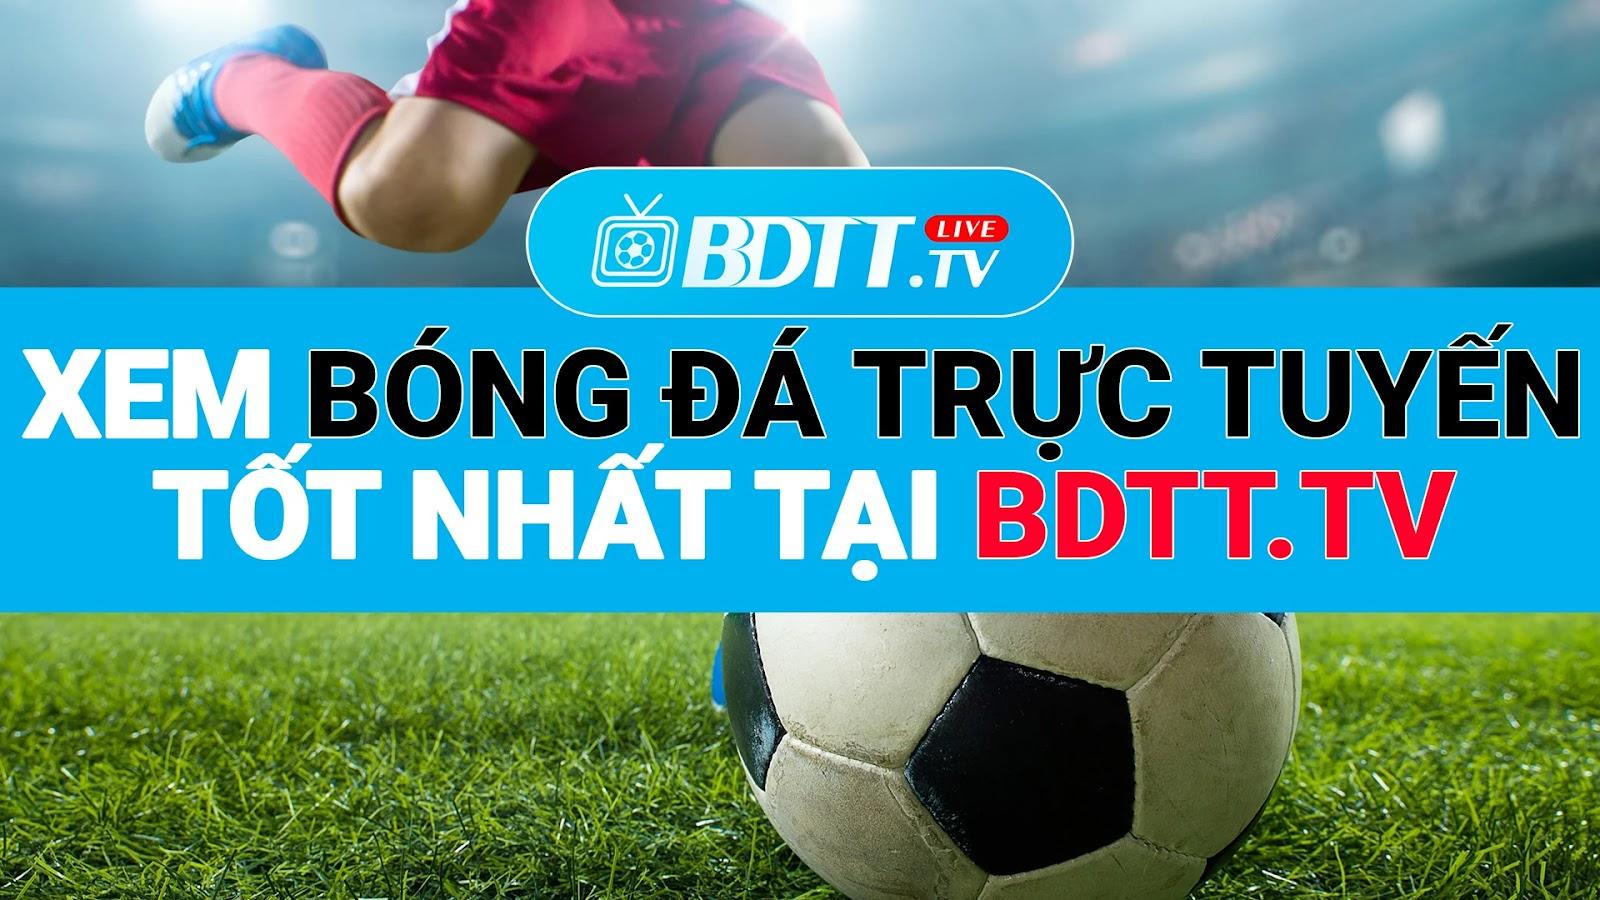 Nếu vậy xem bóng đá tại trang web bóng đá trực tiếp 60s BDTT.tv là ý kiến không tồi dành cho bạn. Vì tại trang web BDTT bạn có thể tùy chọn những trận đấu bóng đá hấp dẫn mà mình yêu thích hoặc những thông tin liên quan đến bóng đá như  xem trực tiếp bóng đá hôm nay, kênh bóng đá trực tiếp, trực tiếp bóng đá tốc độ cao, trực tiếp bóng đá tối nay